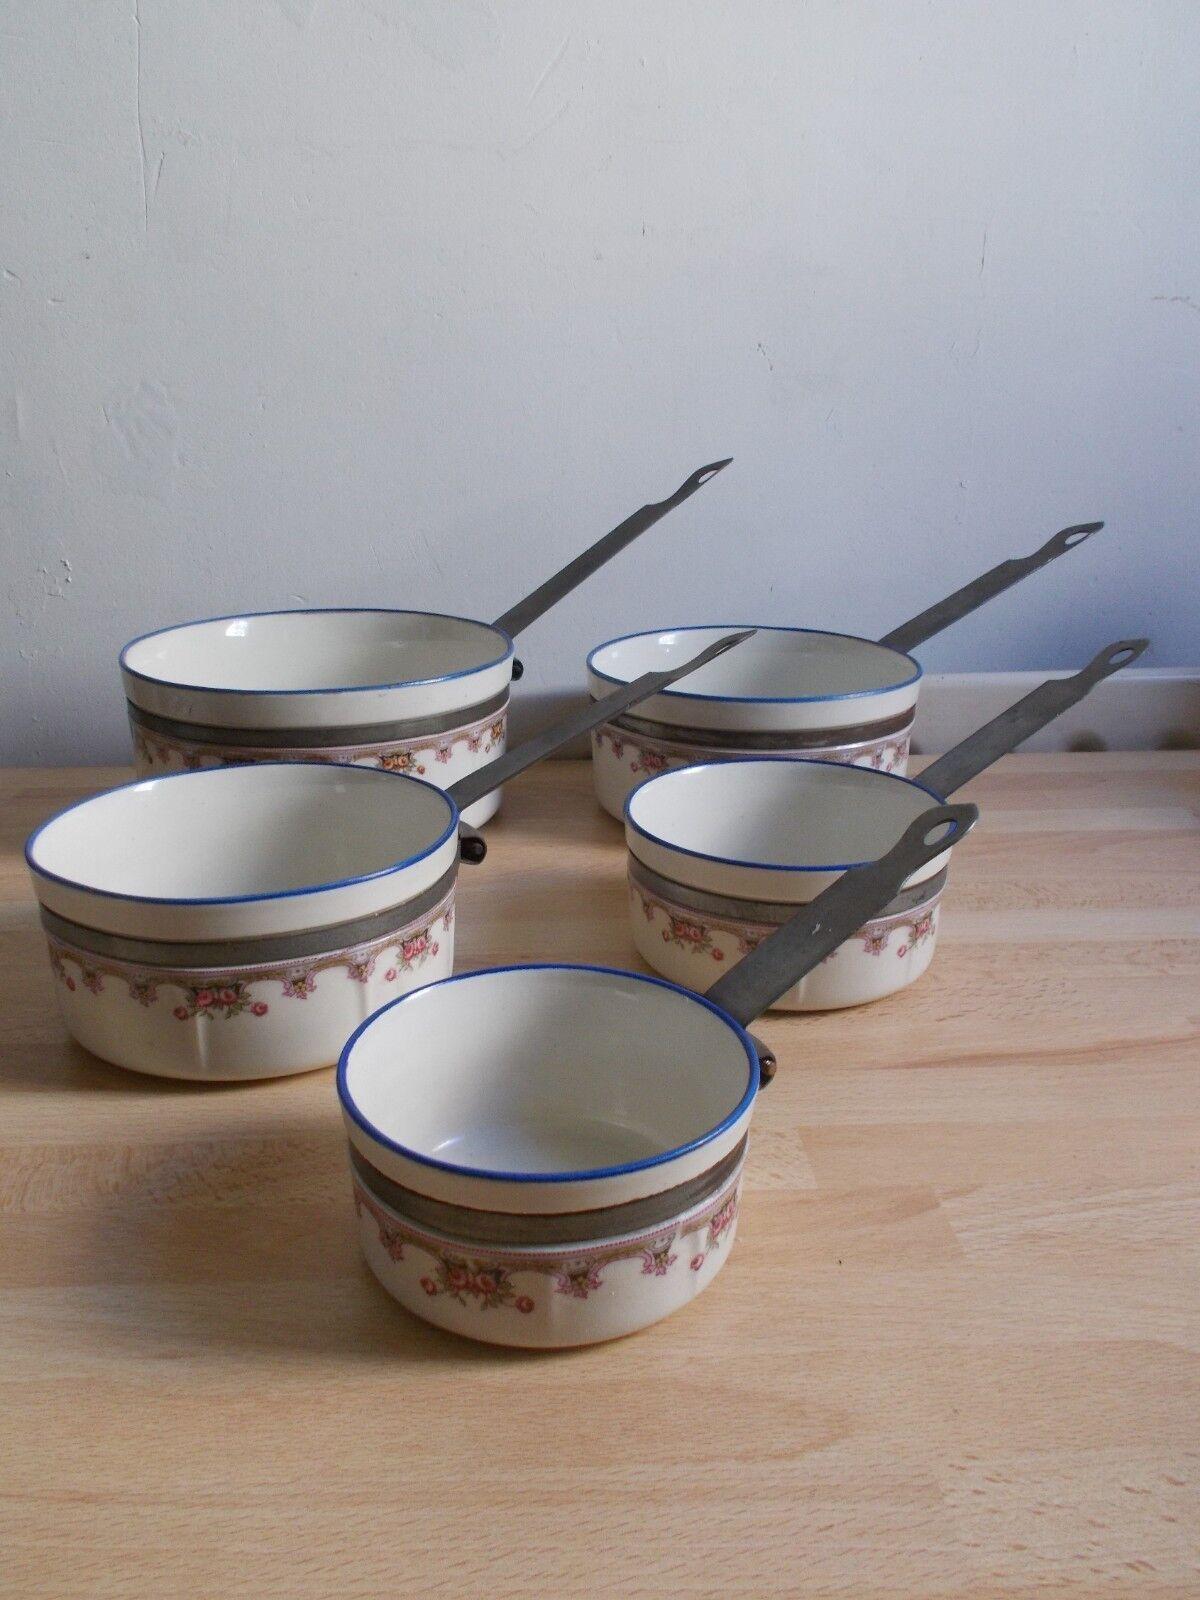 Série de de de 5 casseroles en porcelaine avec cerclage et manche métal décor floral 5baef0